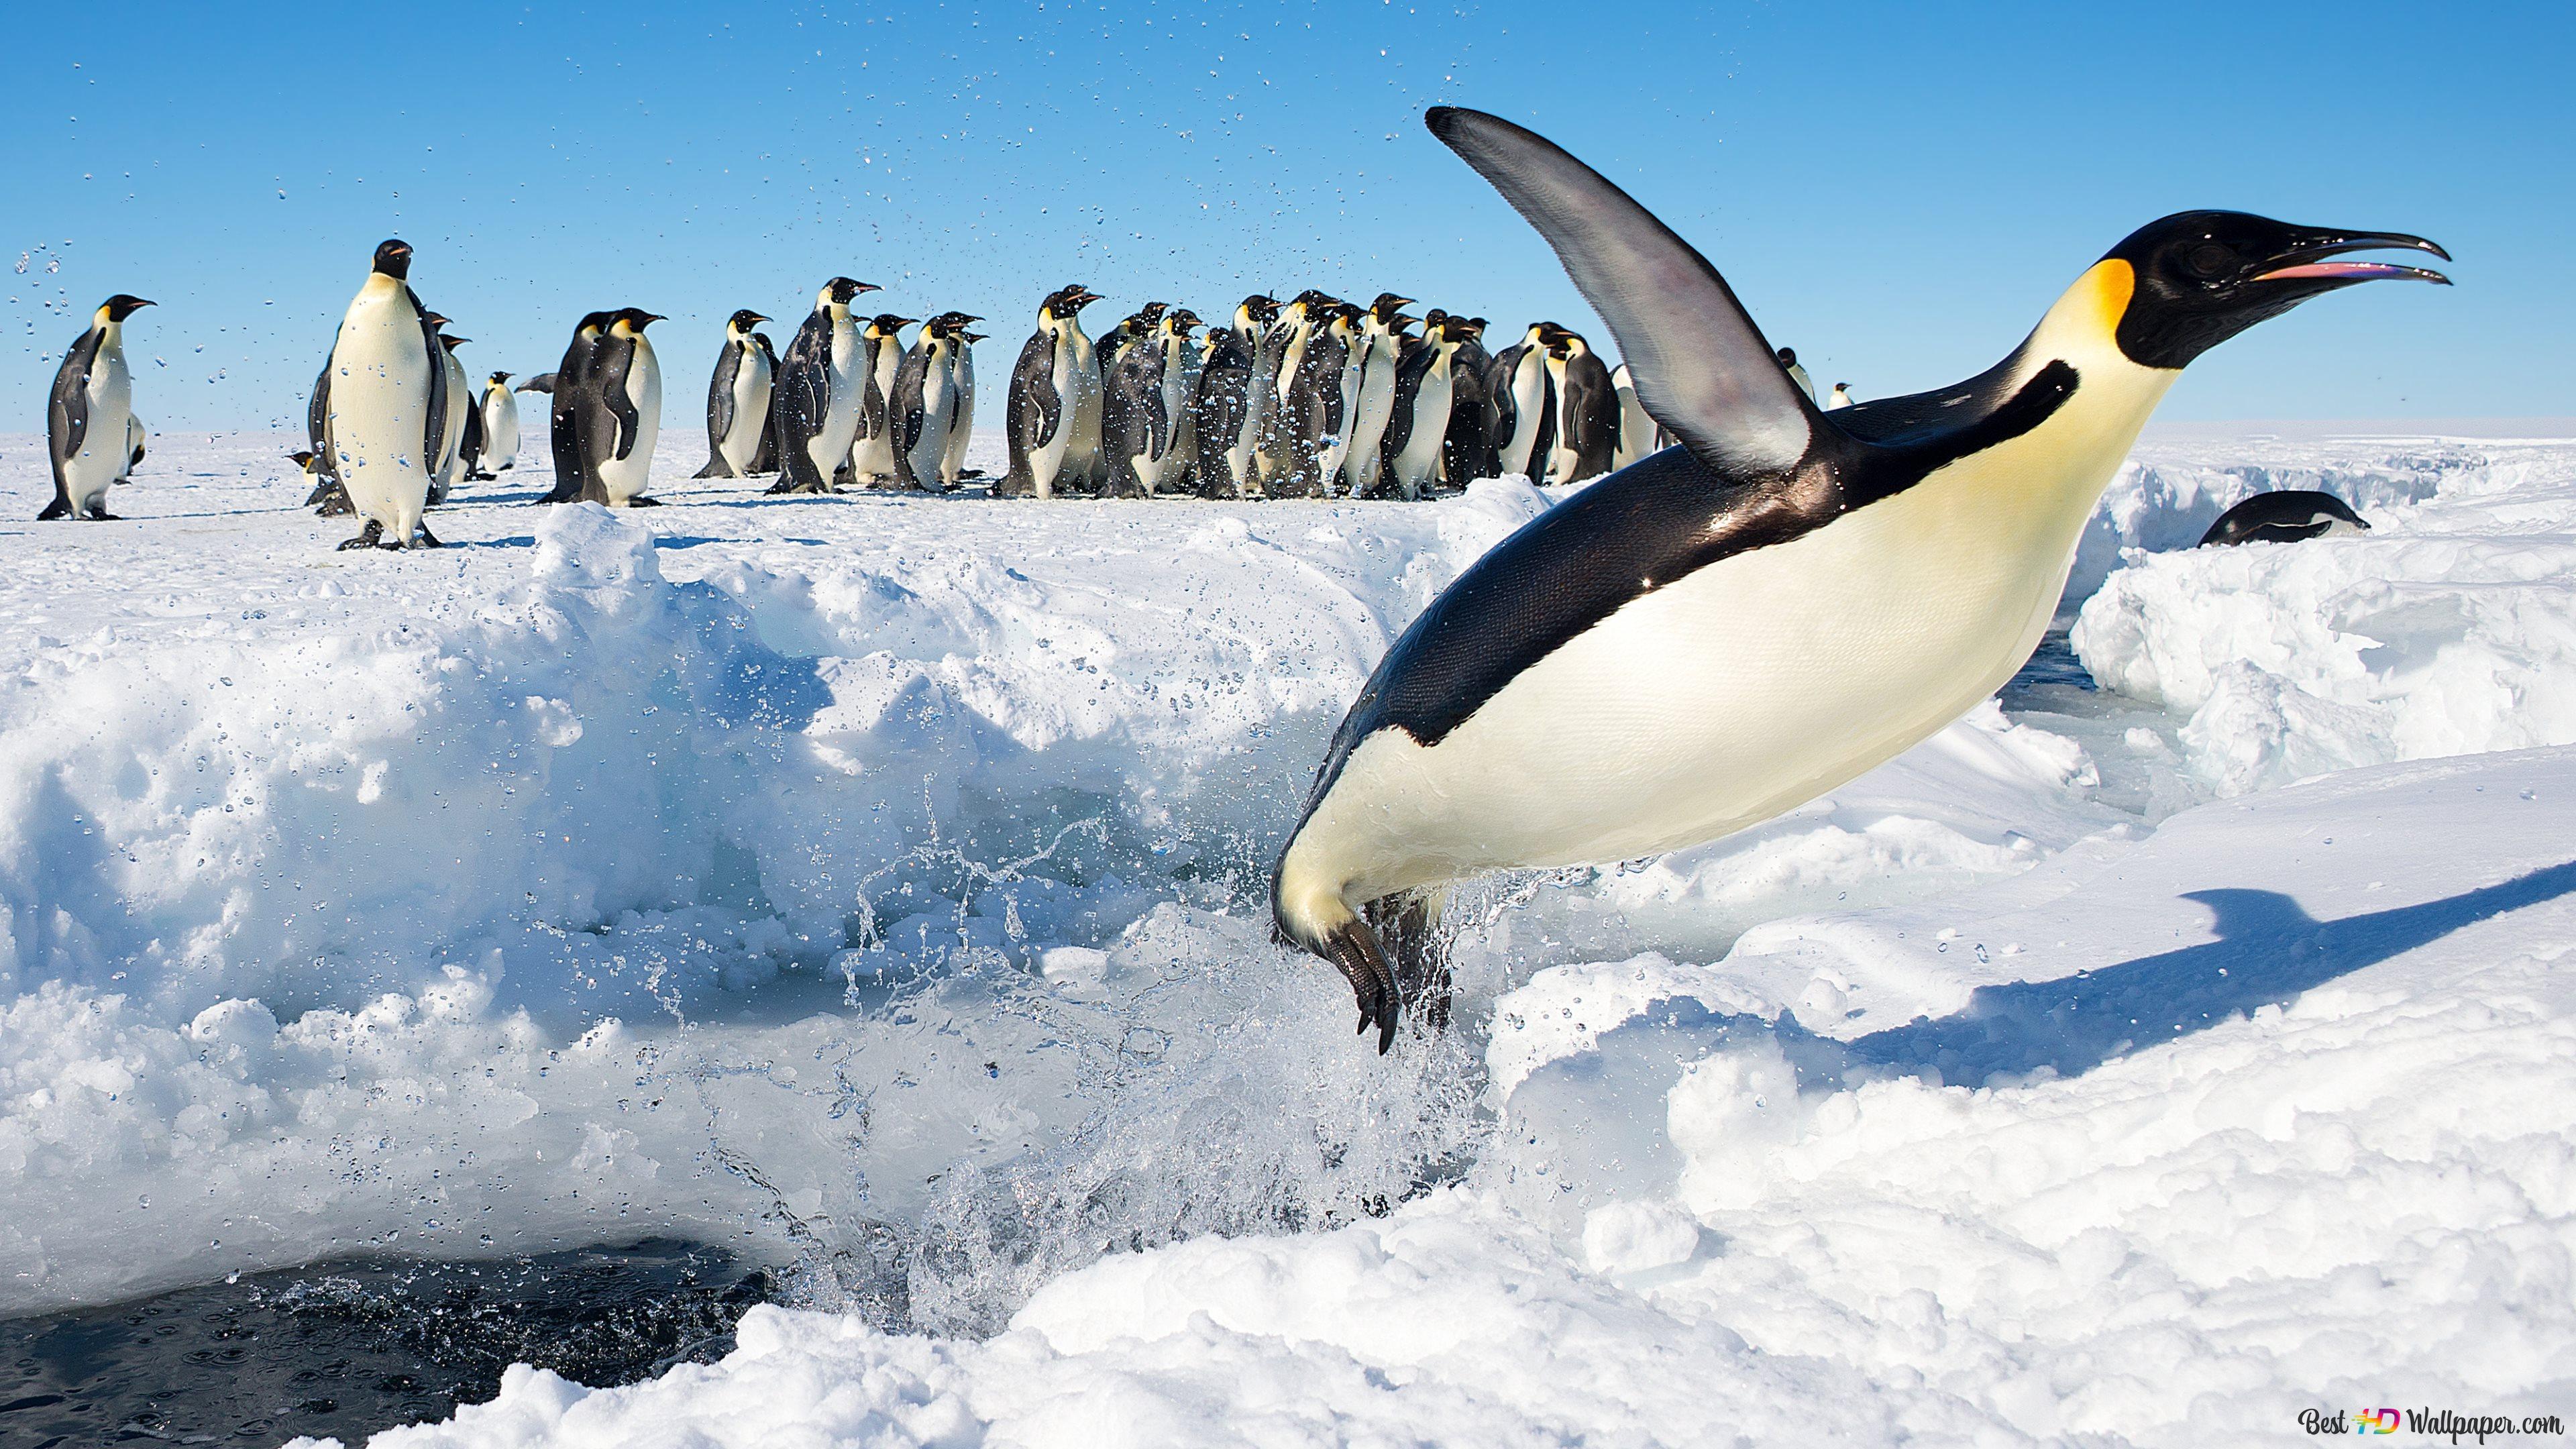 ペンギンは 私を待って Hd壁紙のダウンロード